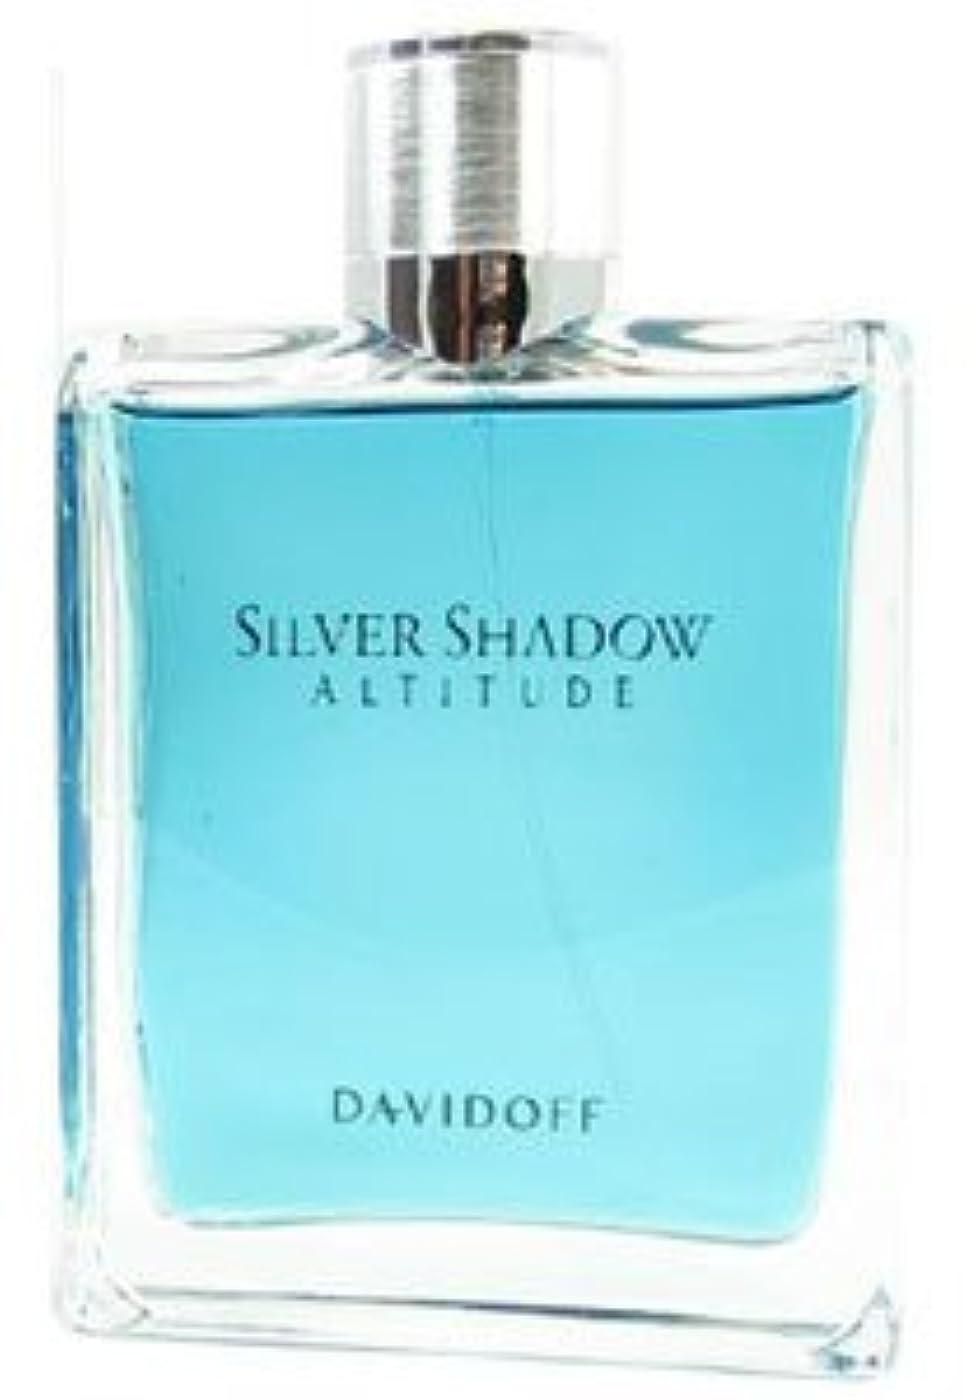 死にかけている大臣アドバンテージSilver Shadow Altitude (シルバーシャドウ アルティテュード) 1.7 oz (50ml) EDT Spray by Davidoff for men